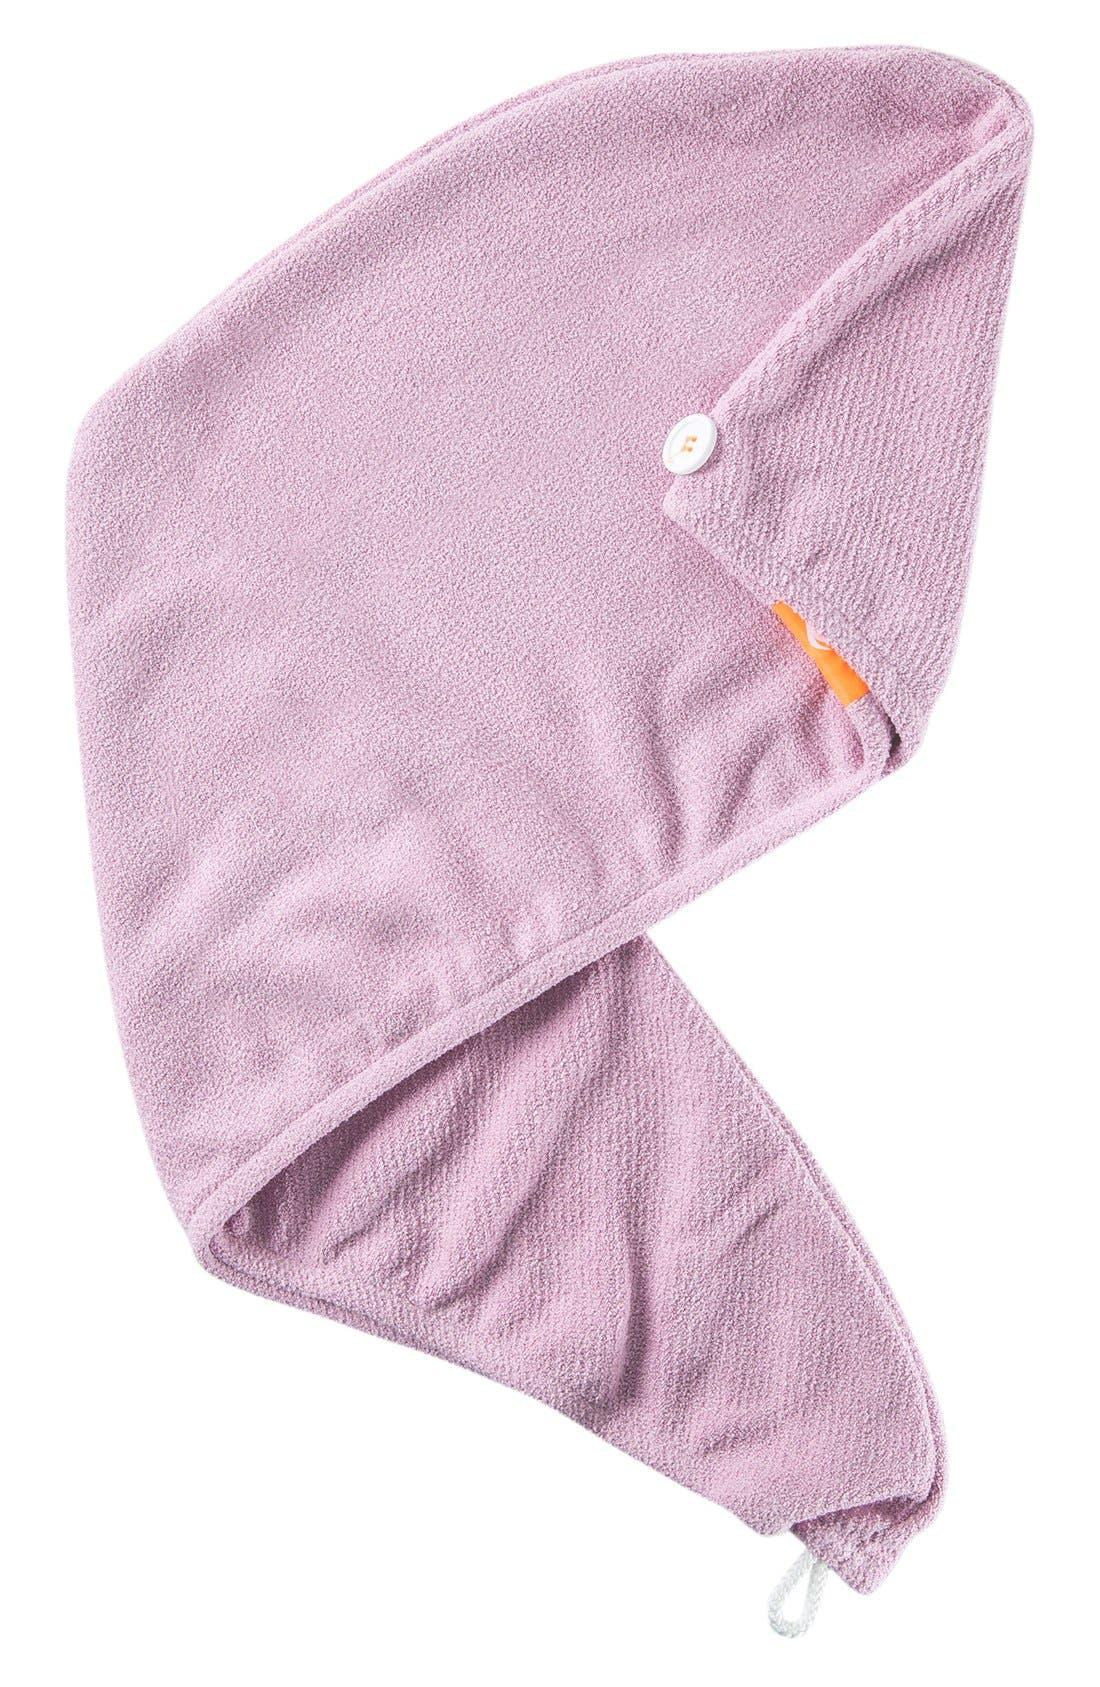 Lisse Luxe Desert Rose Hair Turban,                             Main thumbnail 1, color,                             DESERT ROSE